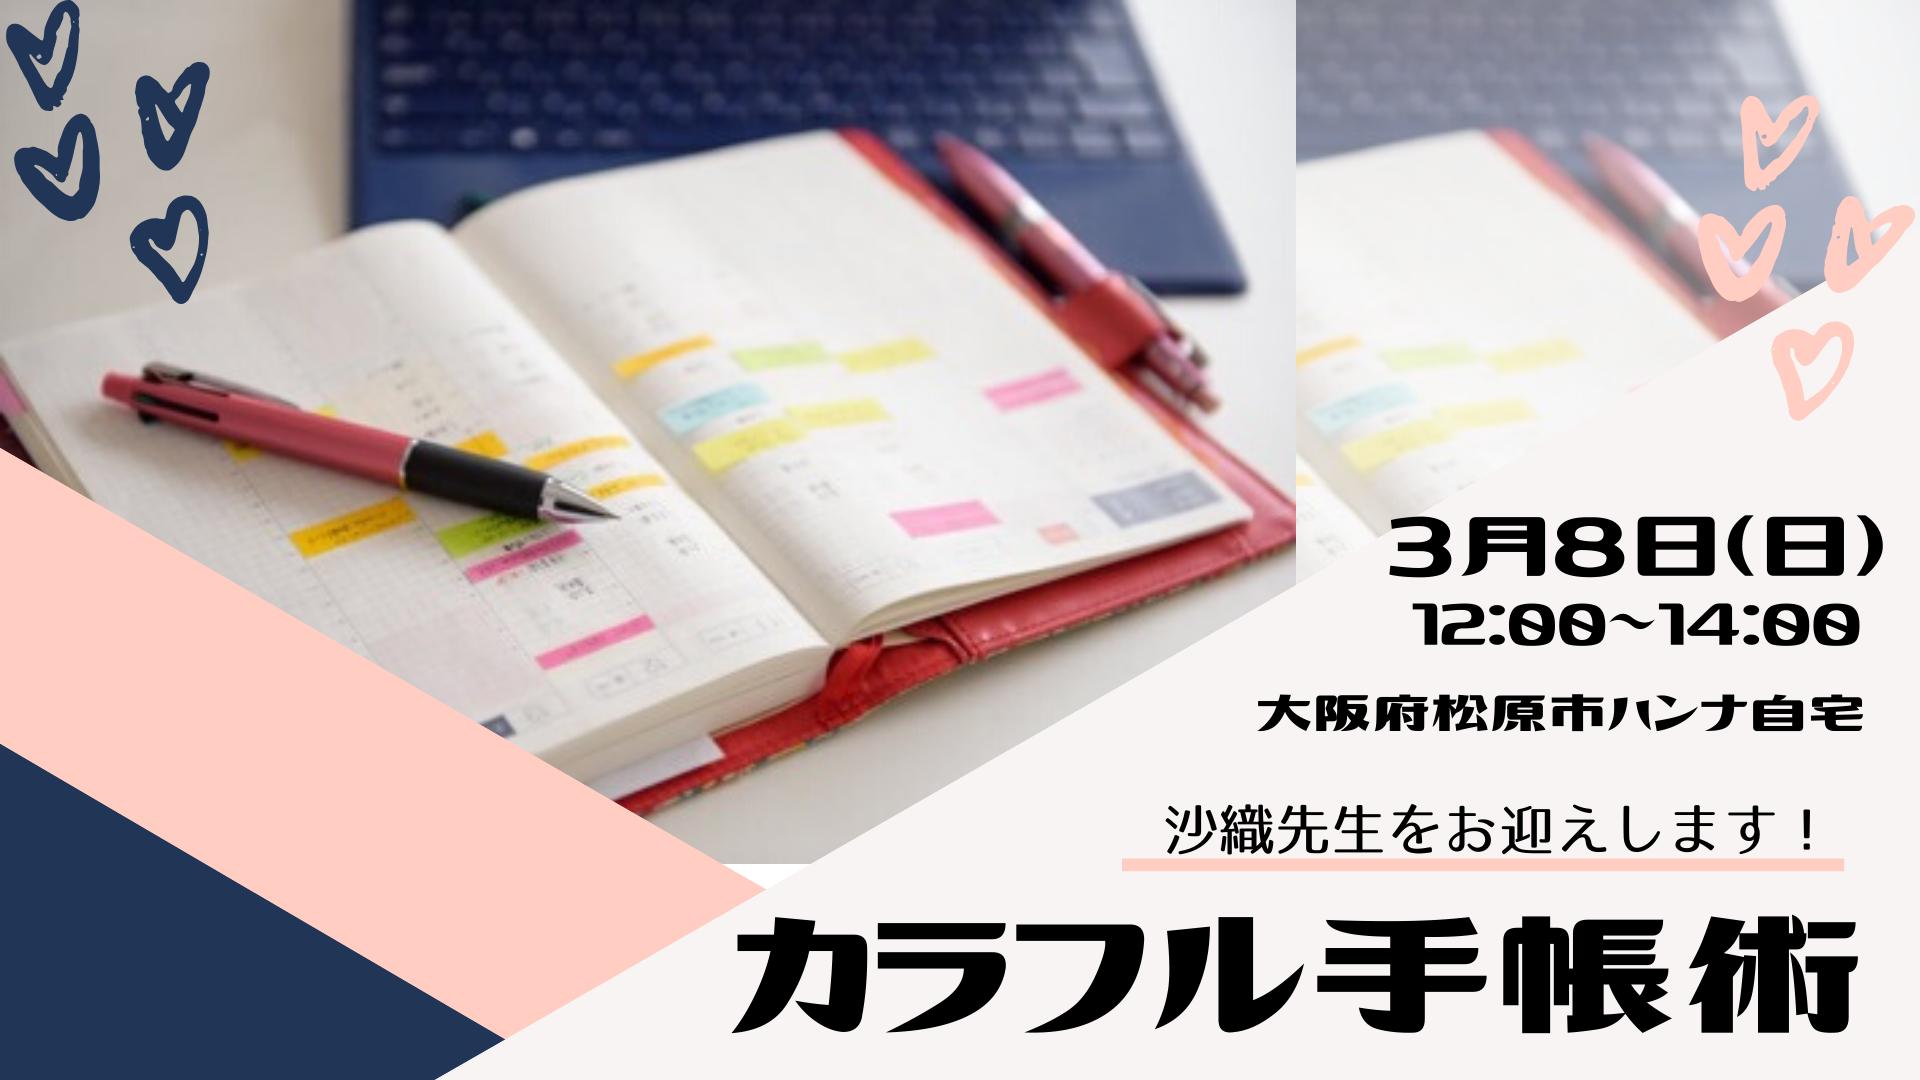 カラフル手帳術 片コンハンナ